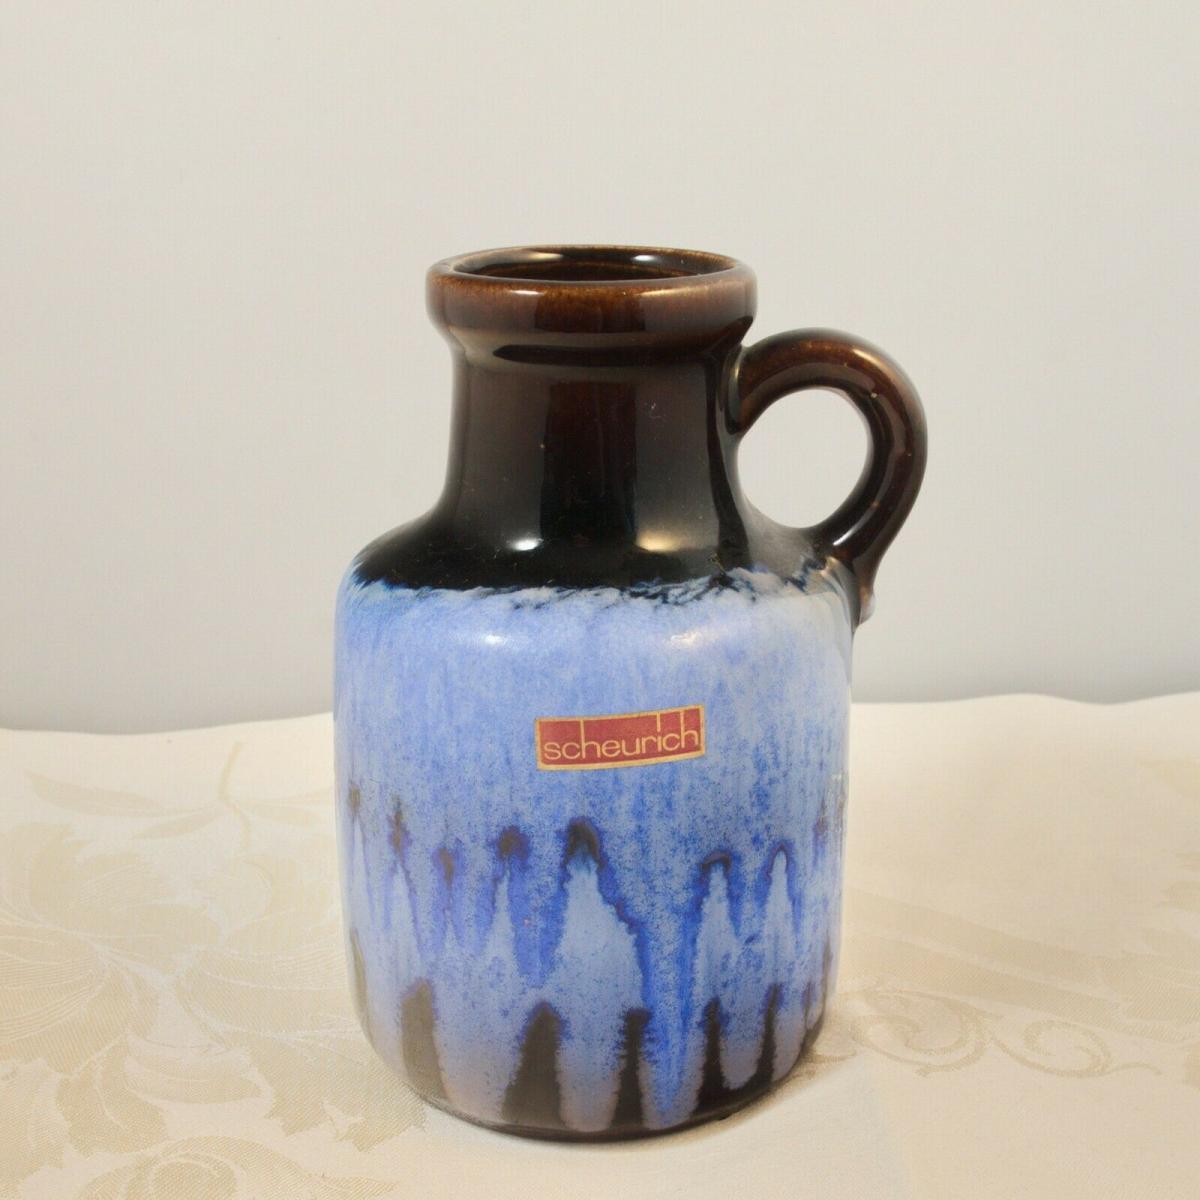 Scheurich vase keramikvase krugvase 414-16 germany blauer verlauf 60er 70er 0